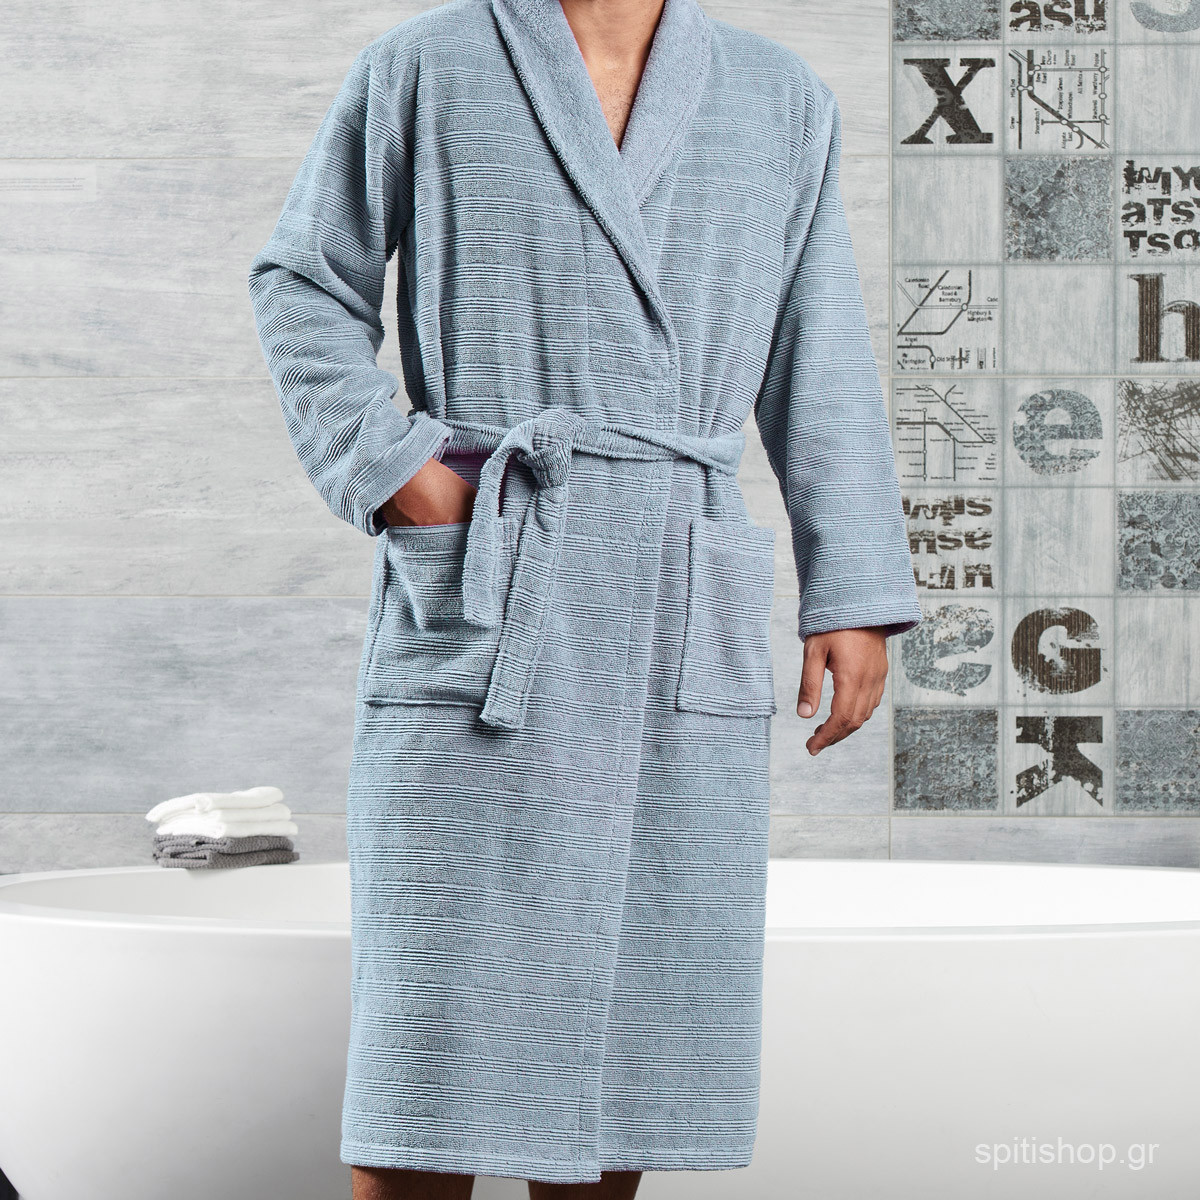 Μπουρνούζι Kentia Bath Aramis 19 MEDIUM MEDIUM home   μπάνιο   μπουρνούζια